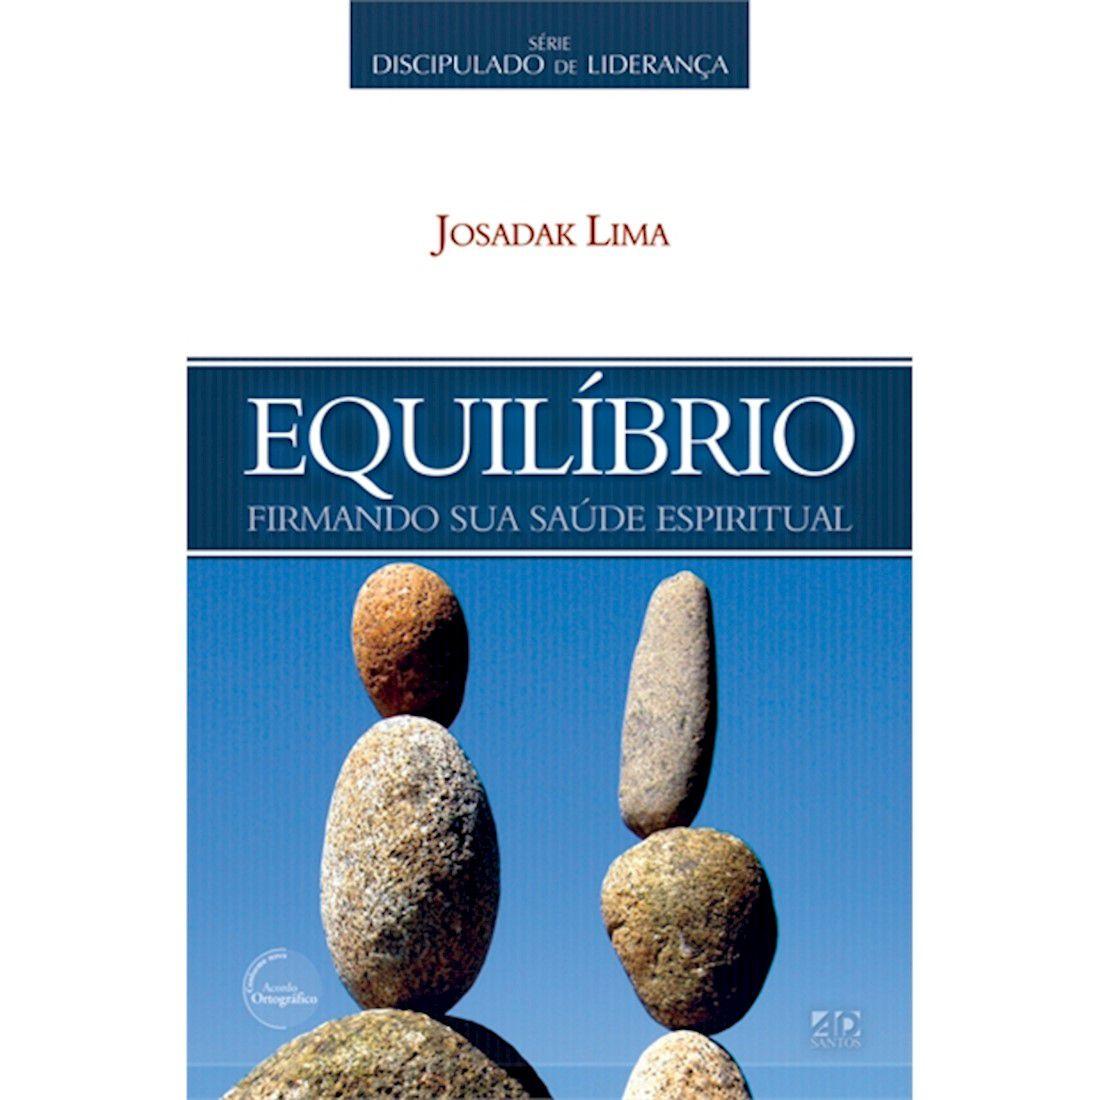 Livro Equilíbrio | Série Discipulado de Liderança